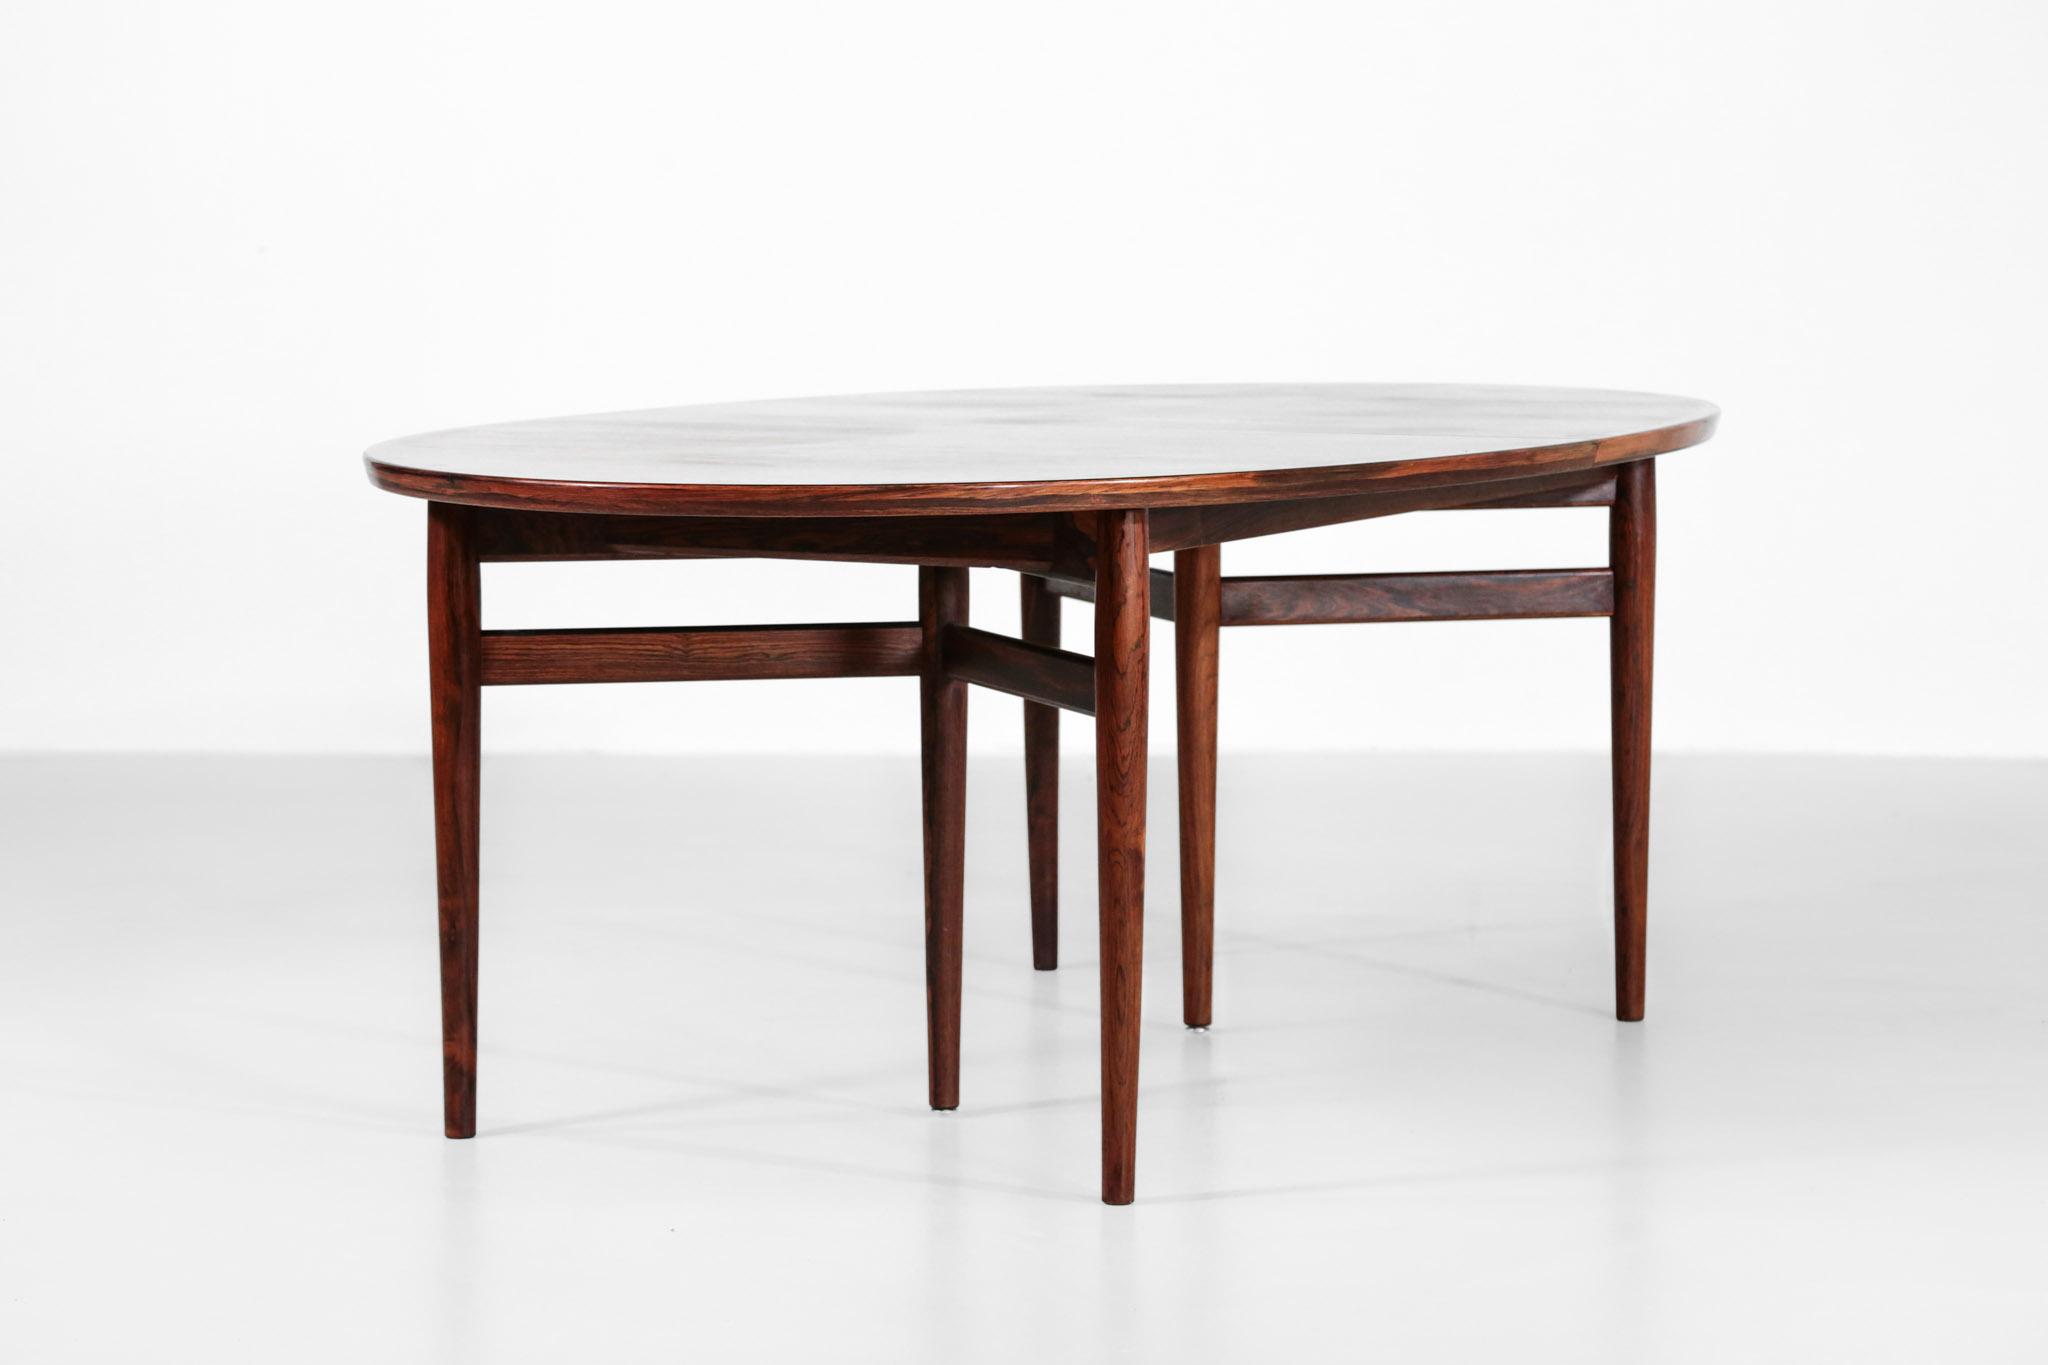 Grande Table A Manger Scandinave Arne Vodder 212 Danois Palissandre22